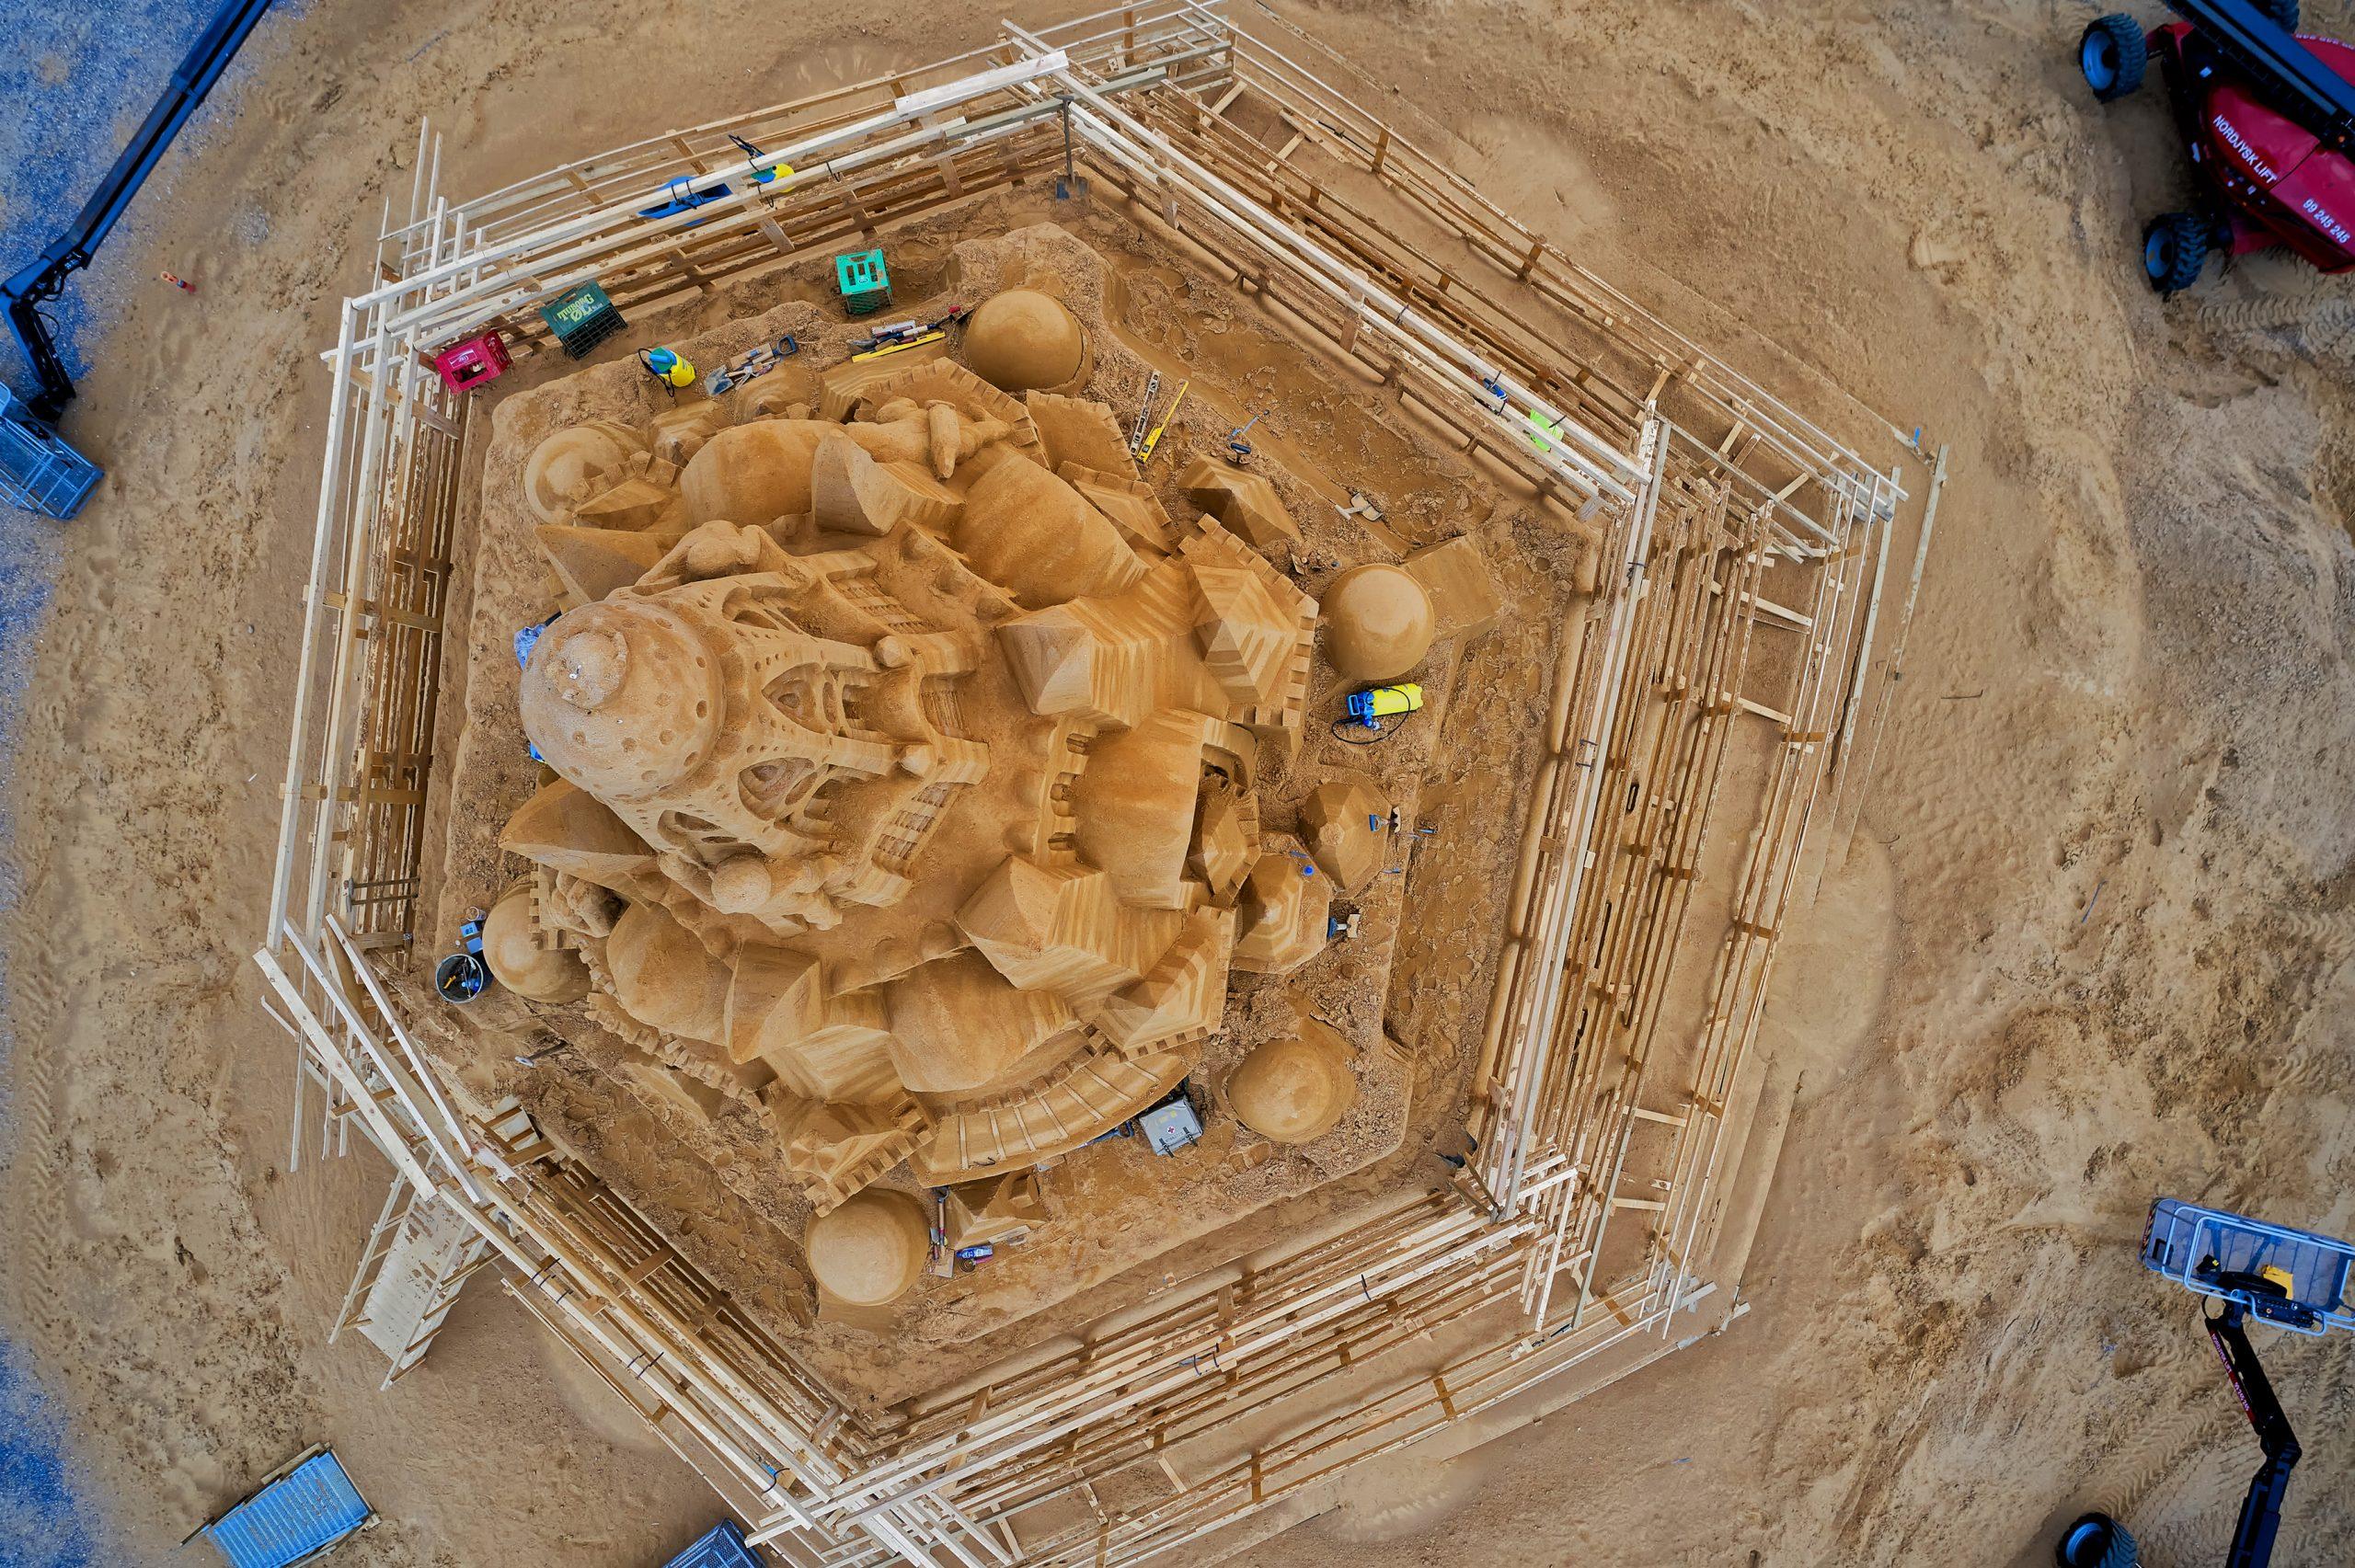 Gratis adgang: Verdens største sandslot indvies i Blokhus i næste uge